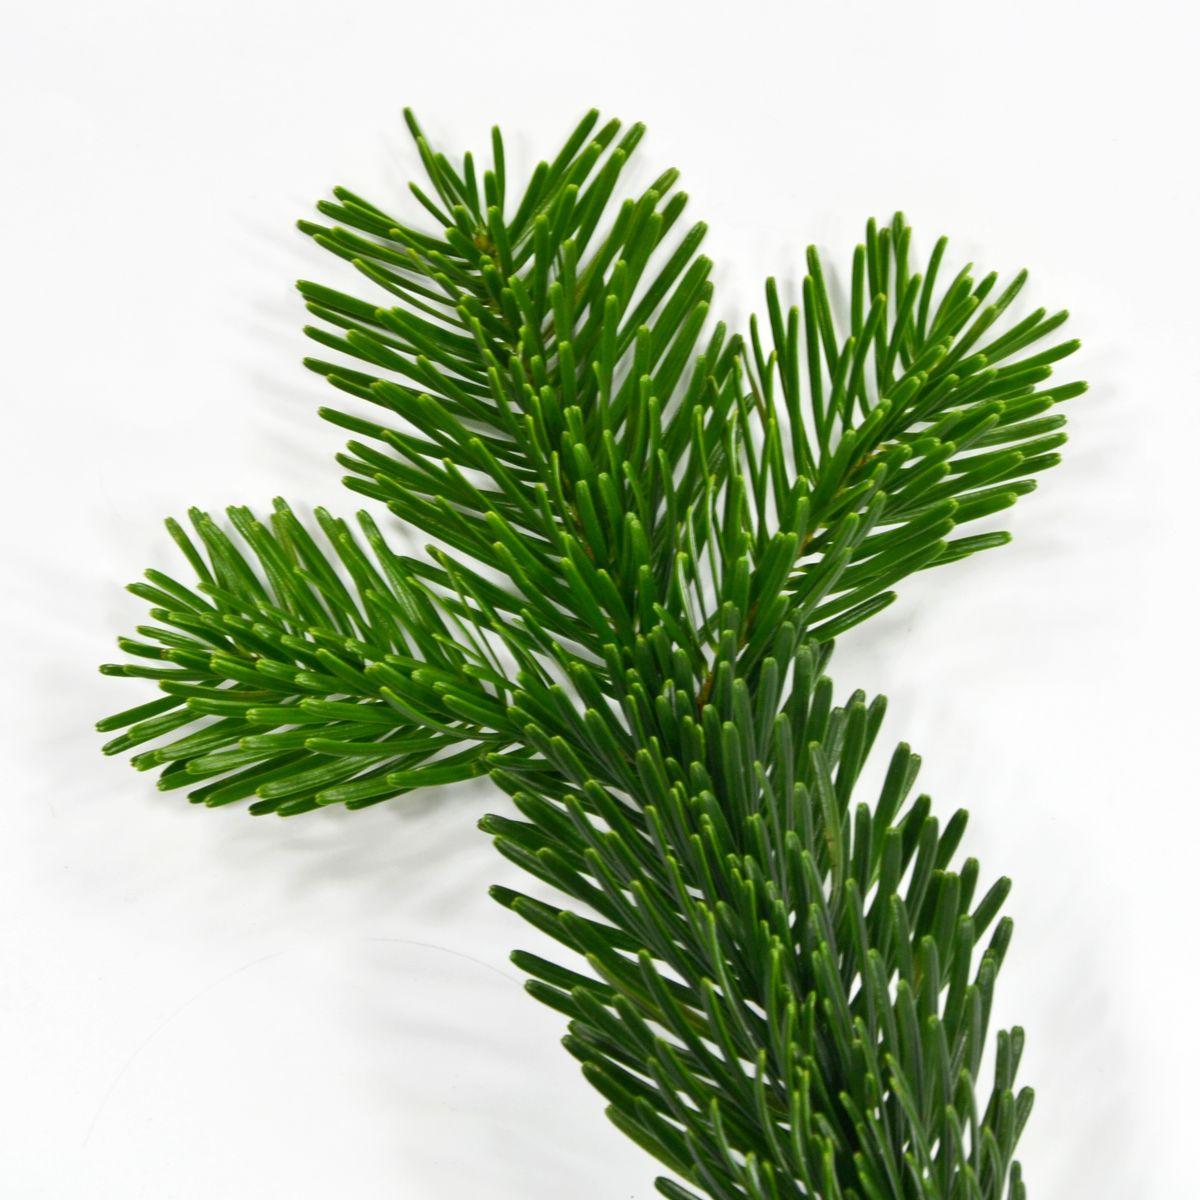 Weihnachtsbaumsorten im Vergleich: Die Nordmanntanne